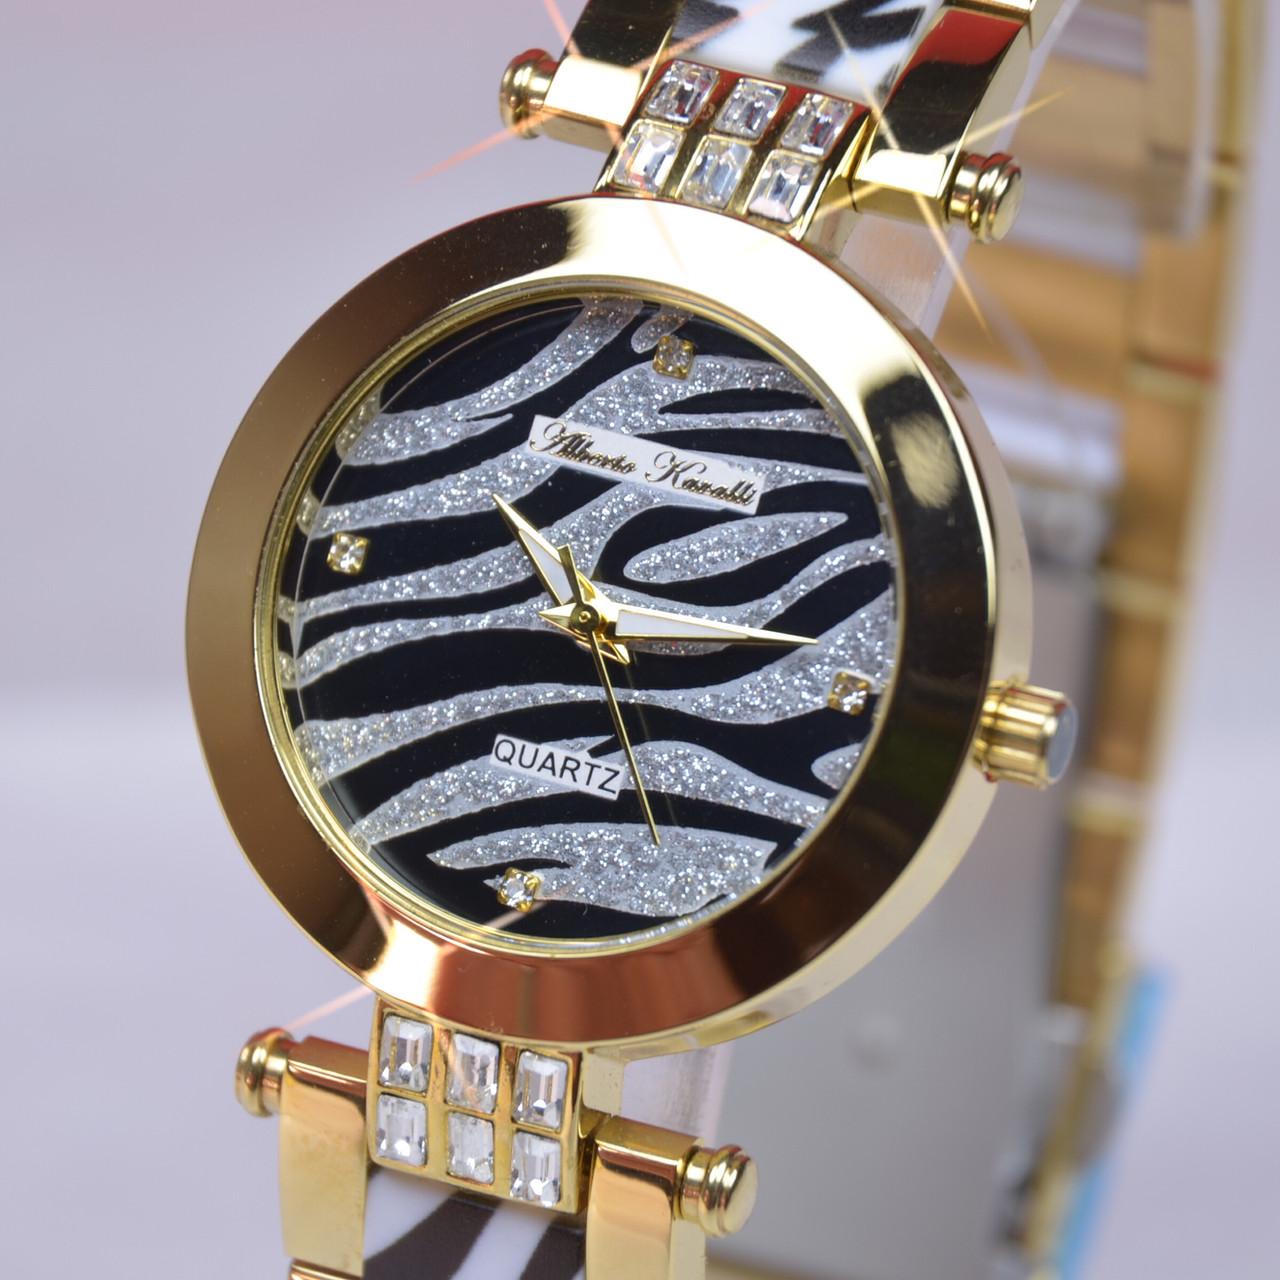 Женские наручные часы Alberto Kavalli Оriginal 01812-02 JAPAN( MIYOTA)